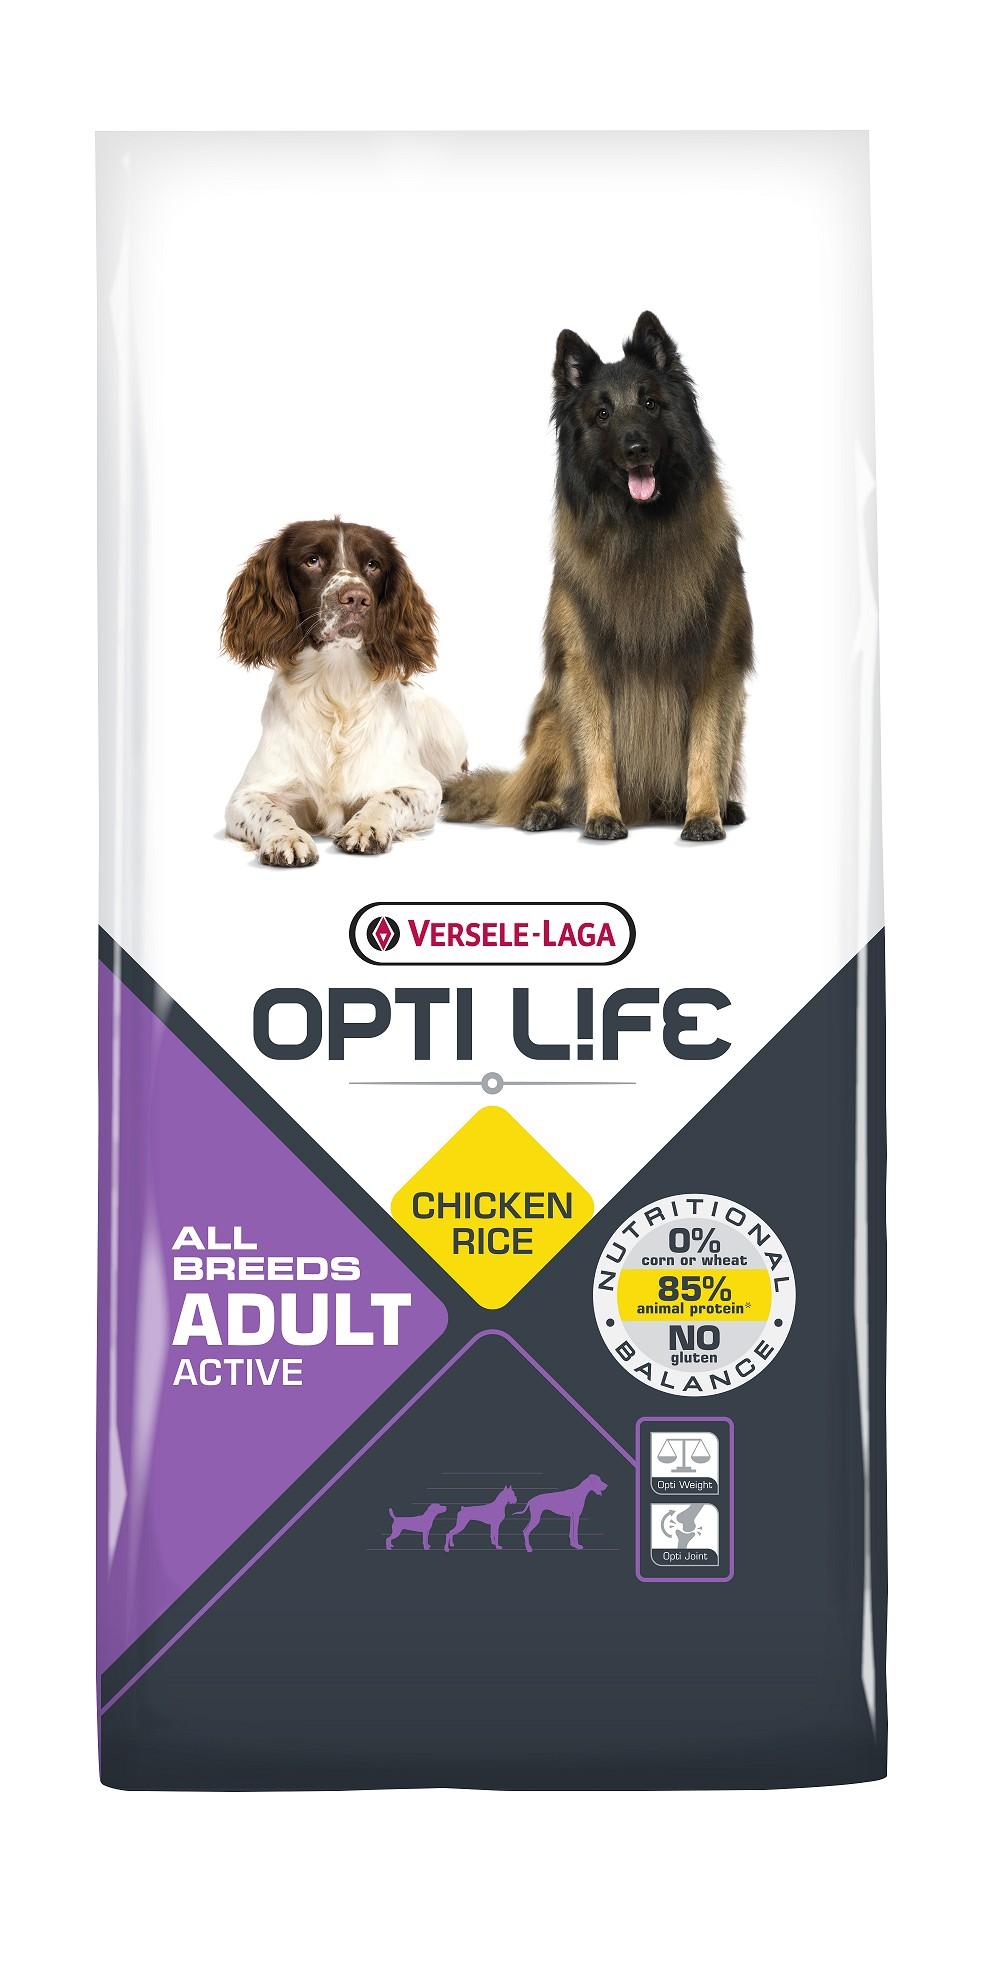 Opti Life Chien Adulte Actif, Poulet & Riz